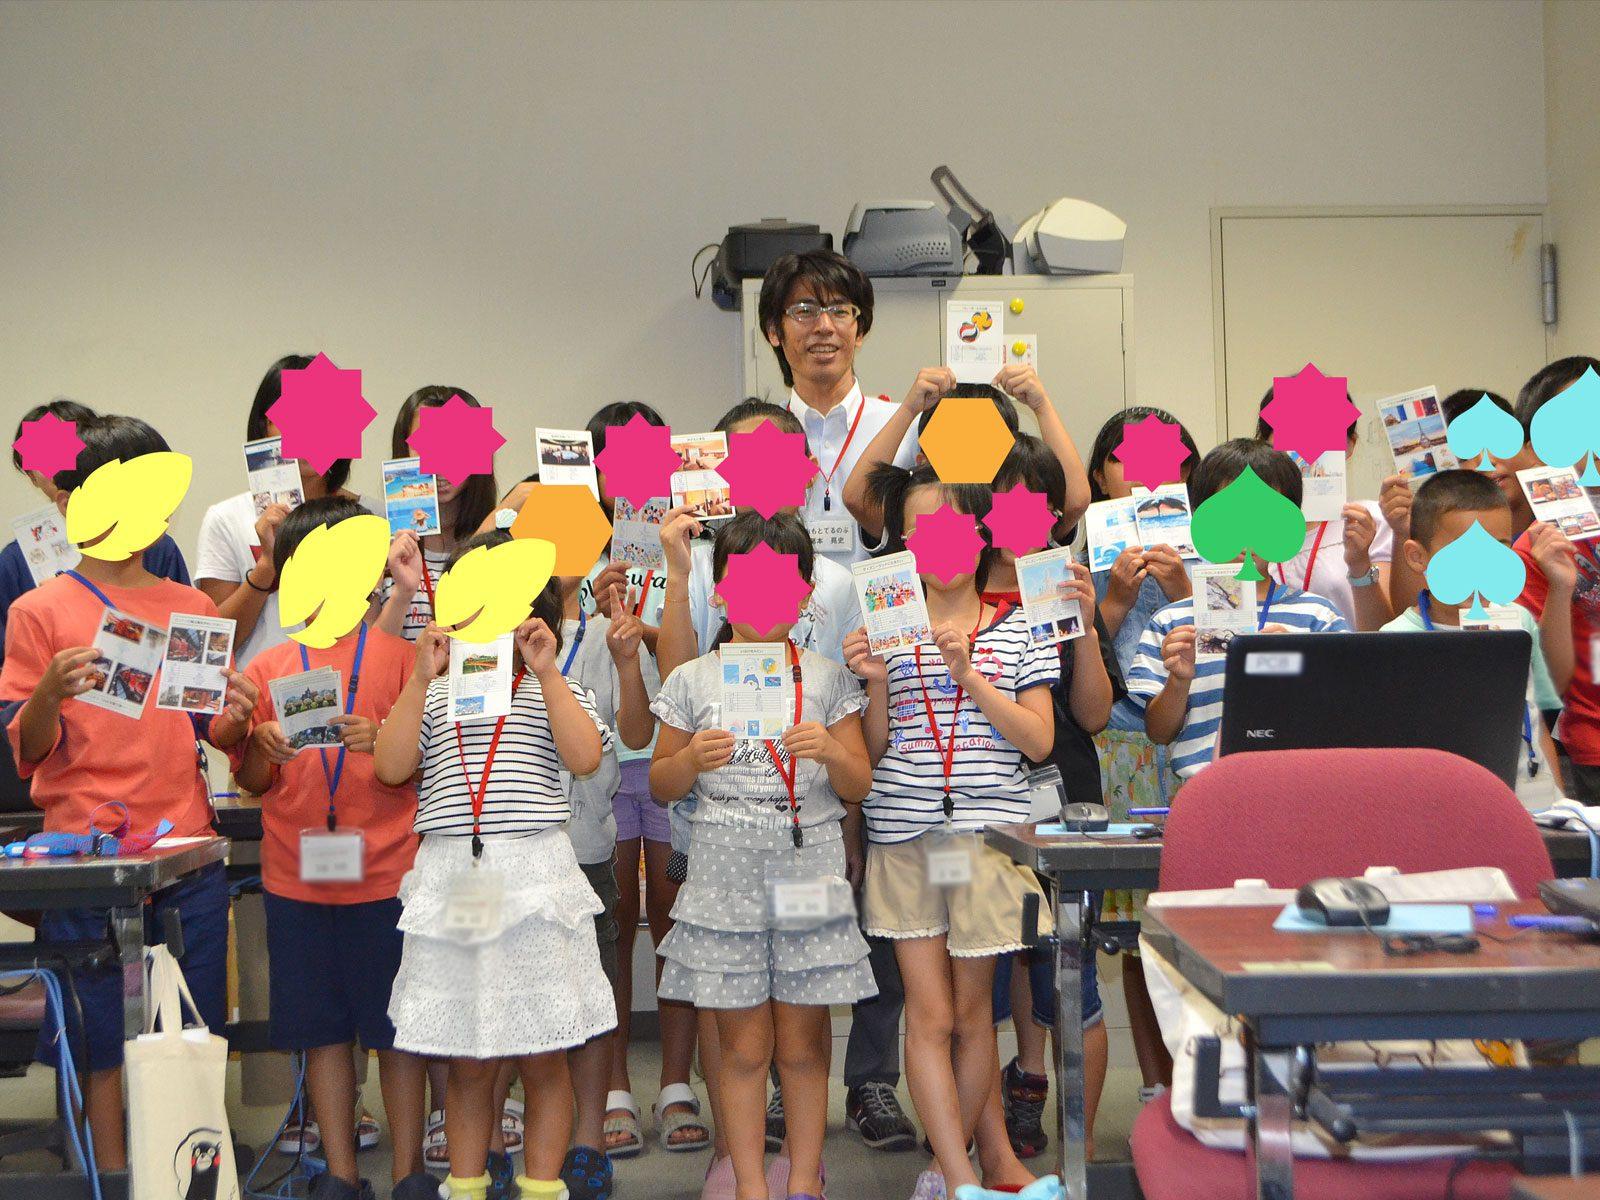 キッズパソコン教室で、皆でハガキを作った集合写真